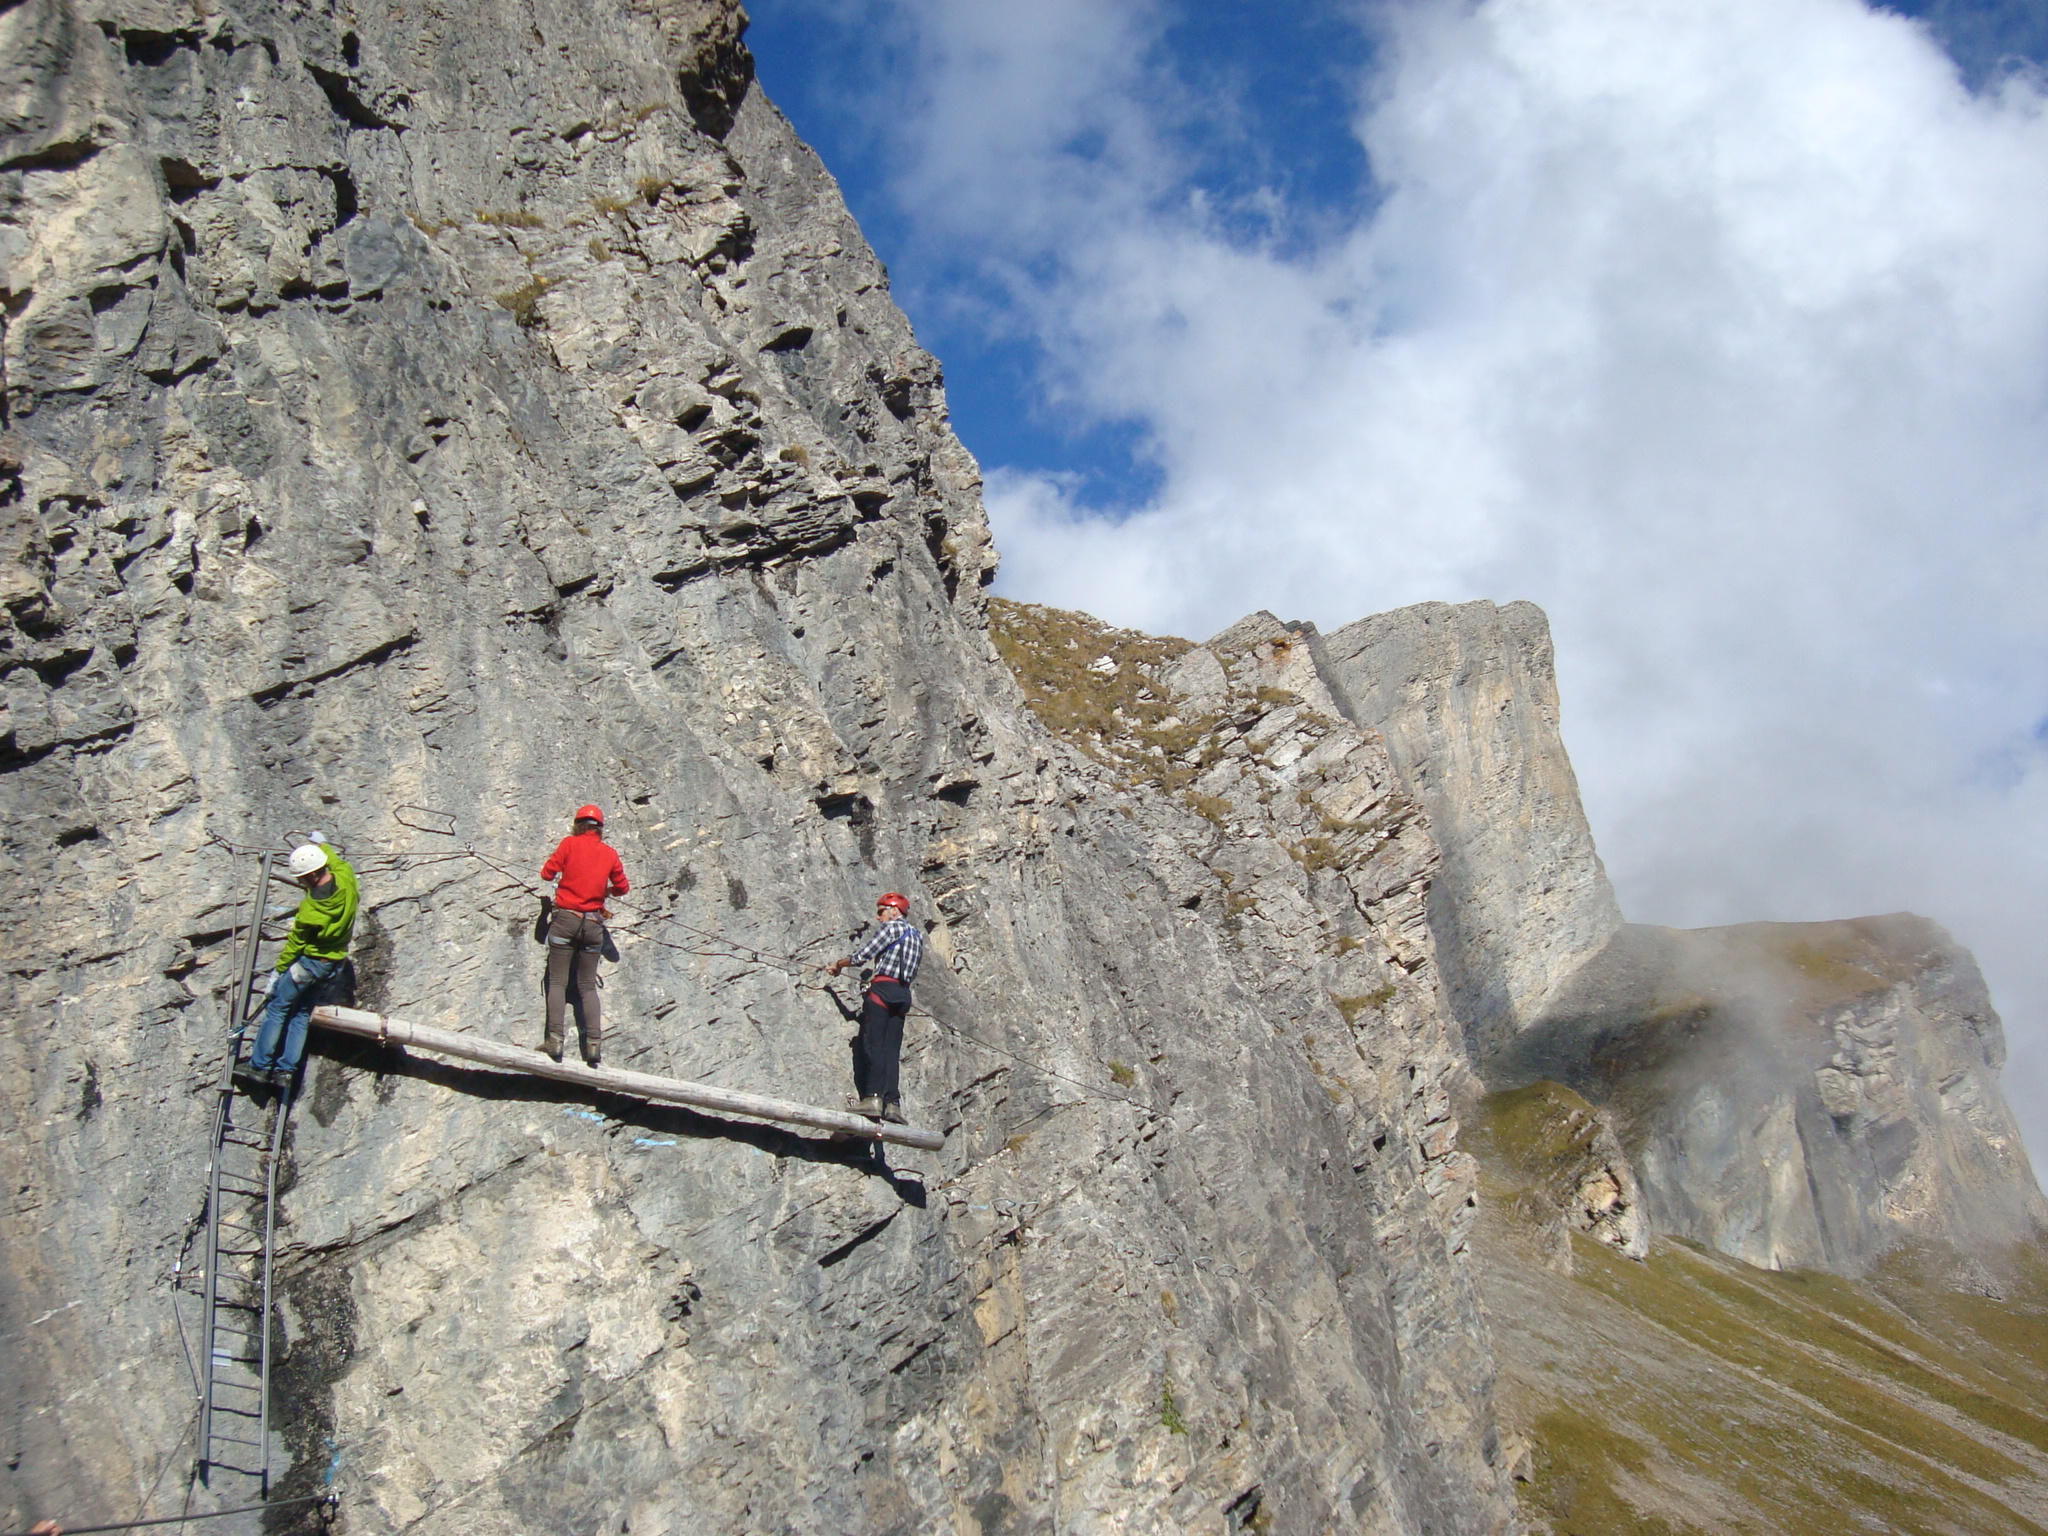 Klettersteig Leukerbad : Klettern auf der gemmi daubenhornin klettersteig leukerbad